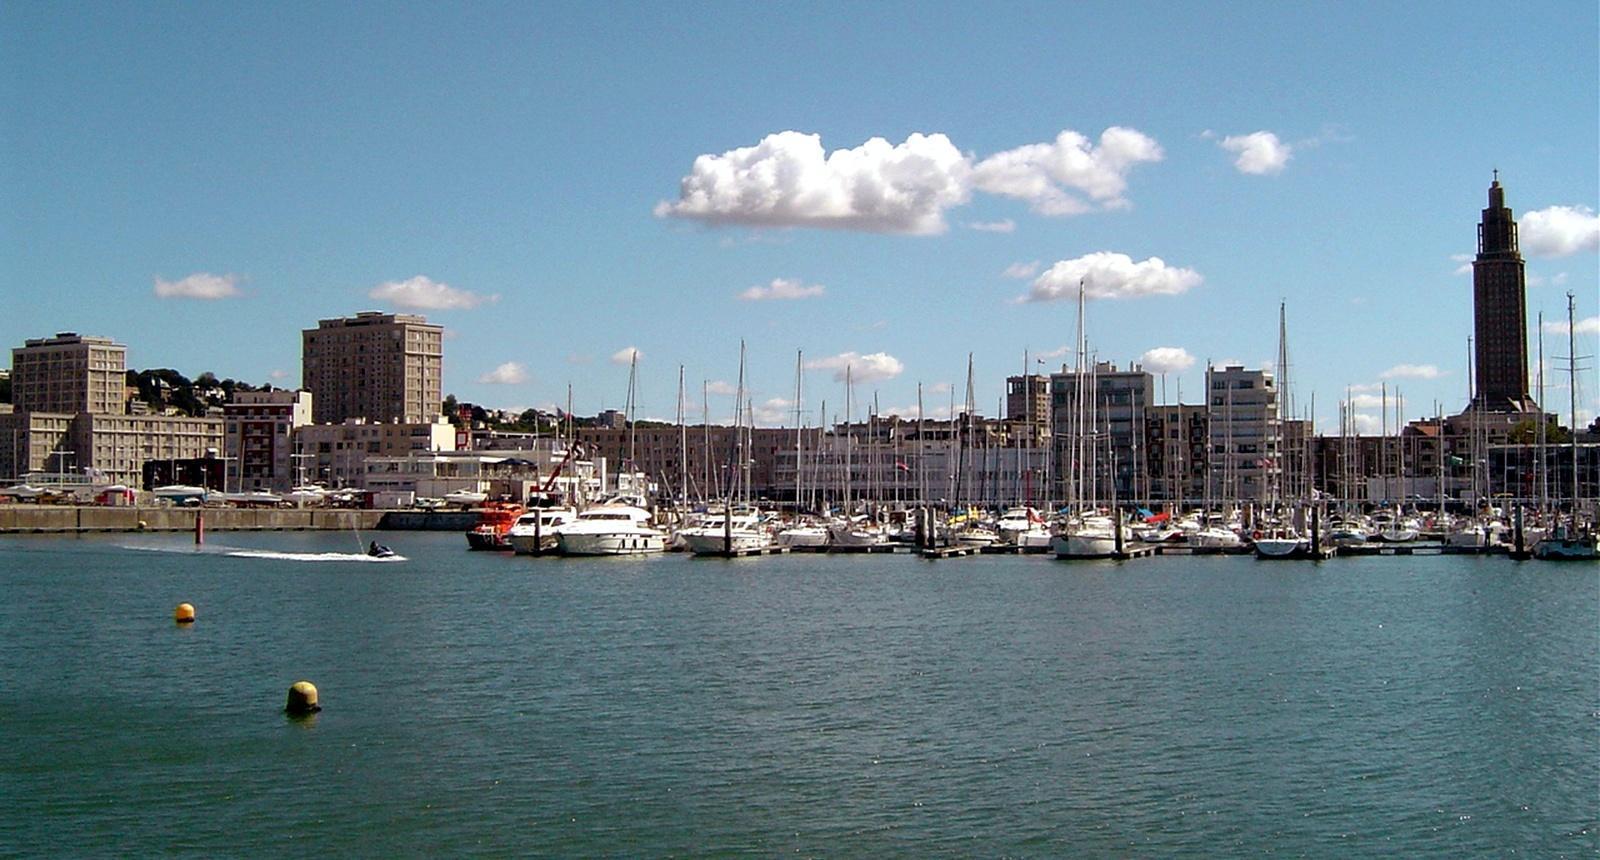 Le Havre, port de plaisance